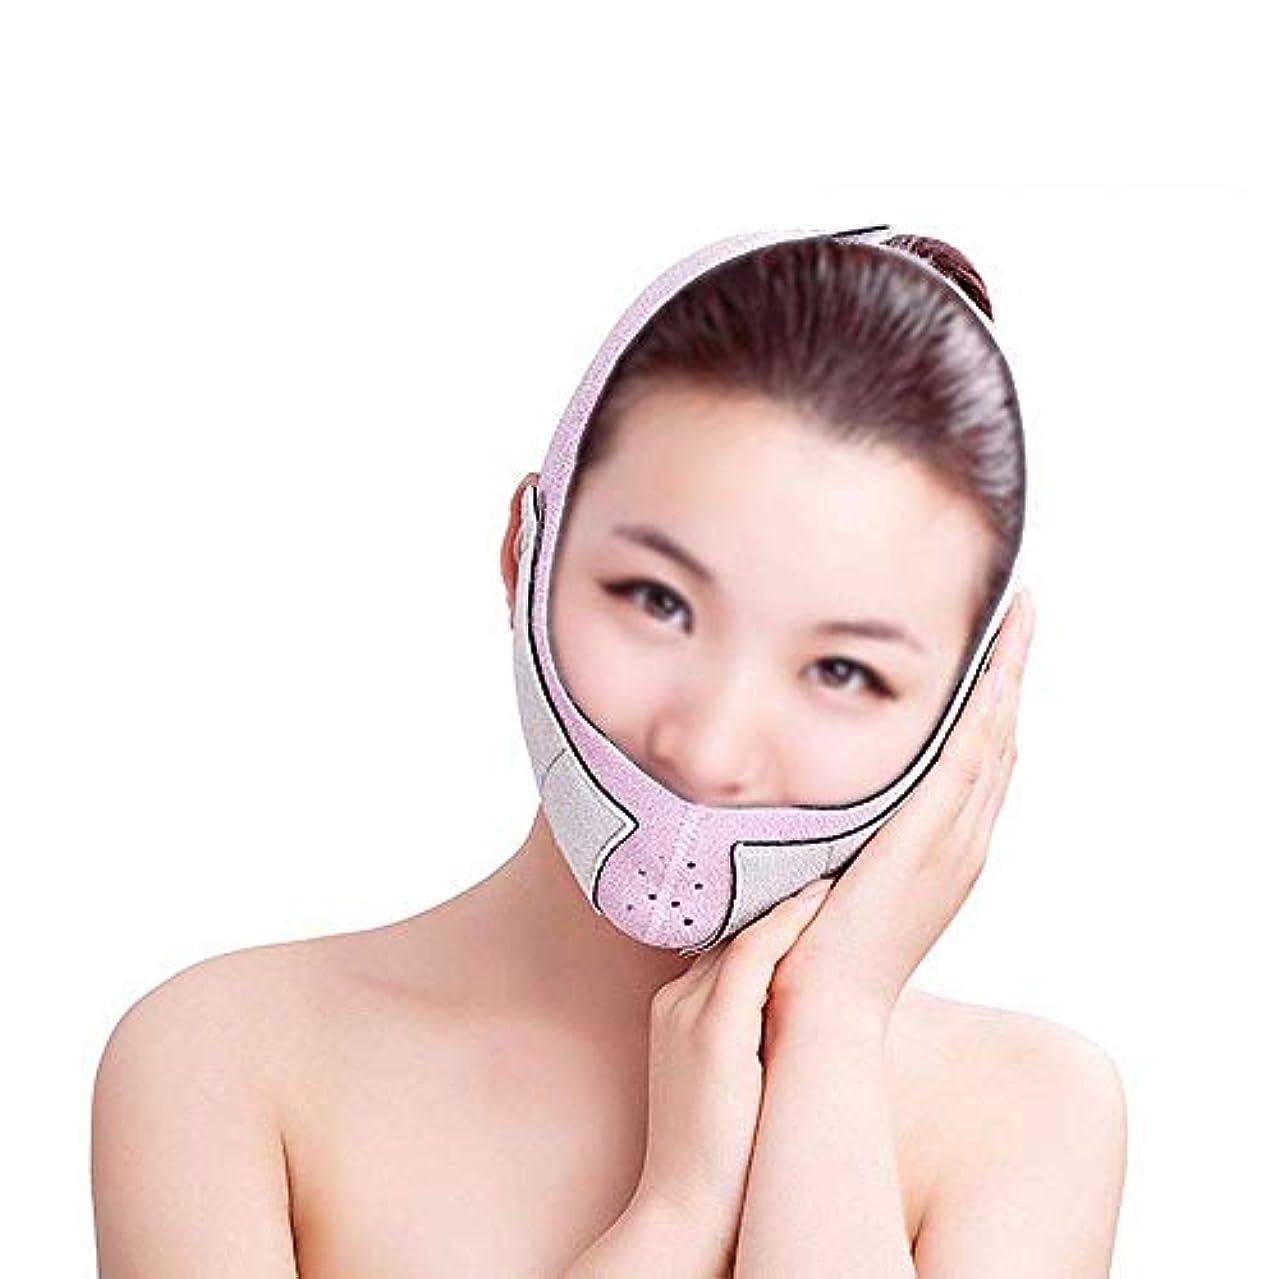 上院汚れた細断フェイスリフトマスク、スリミングベルト薄いフェイスマスク強力なリフティング小さなV顔薄い顔包帯美容顔リフティングデバイス